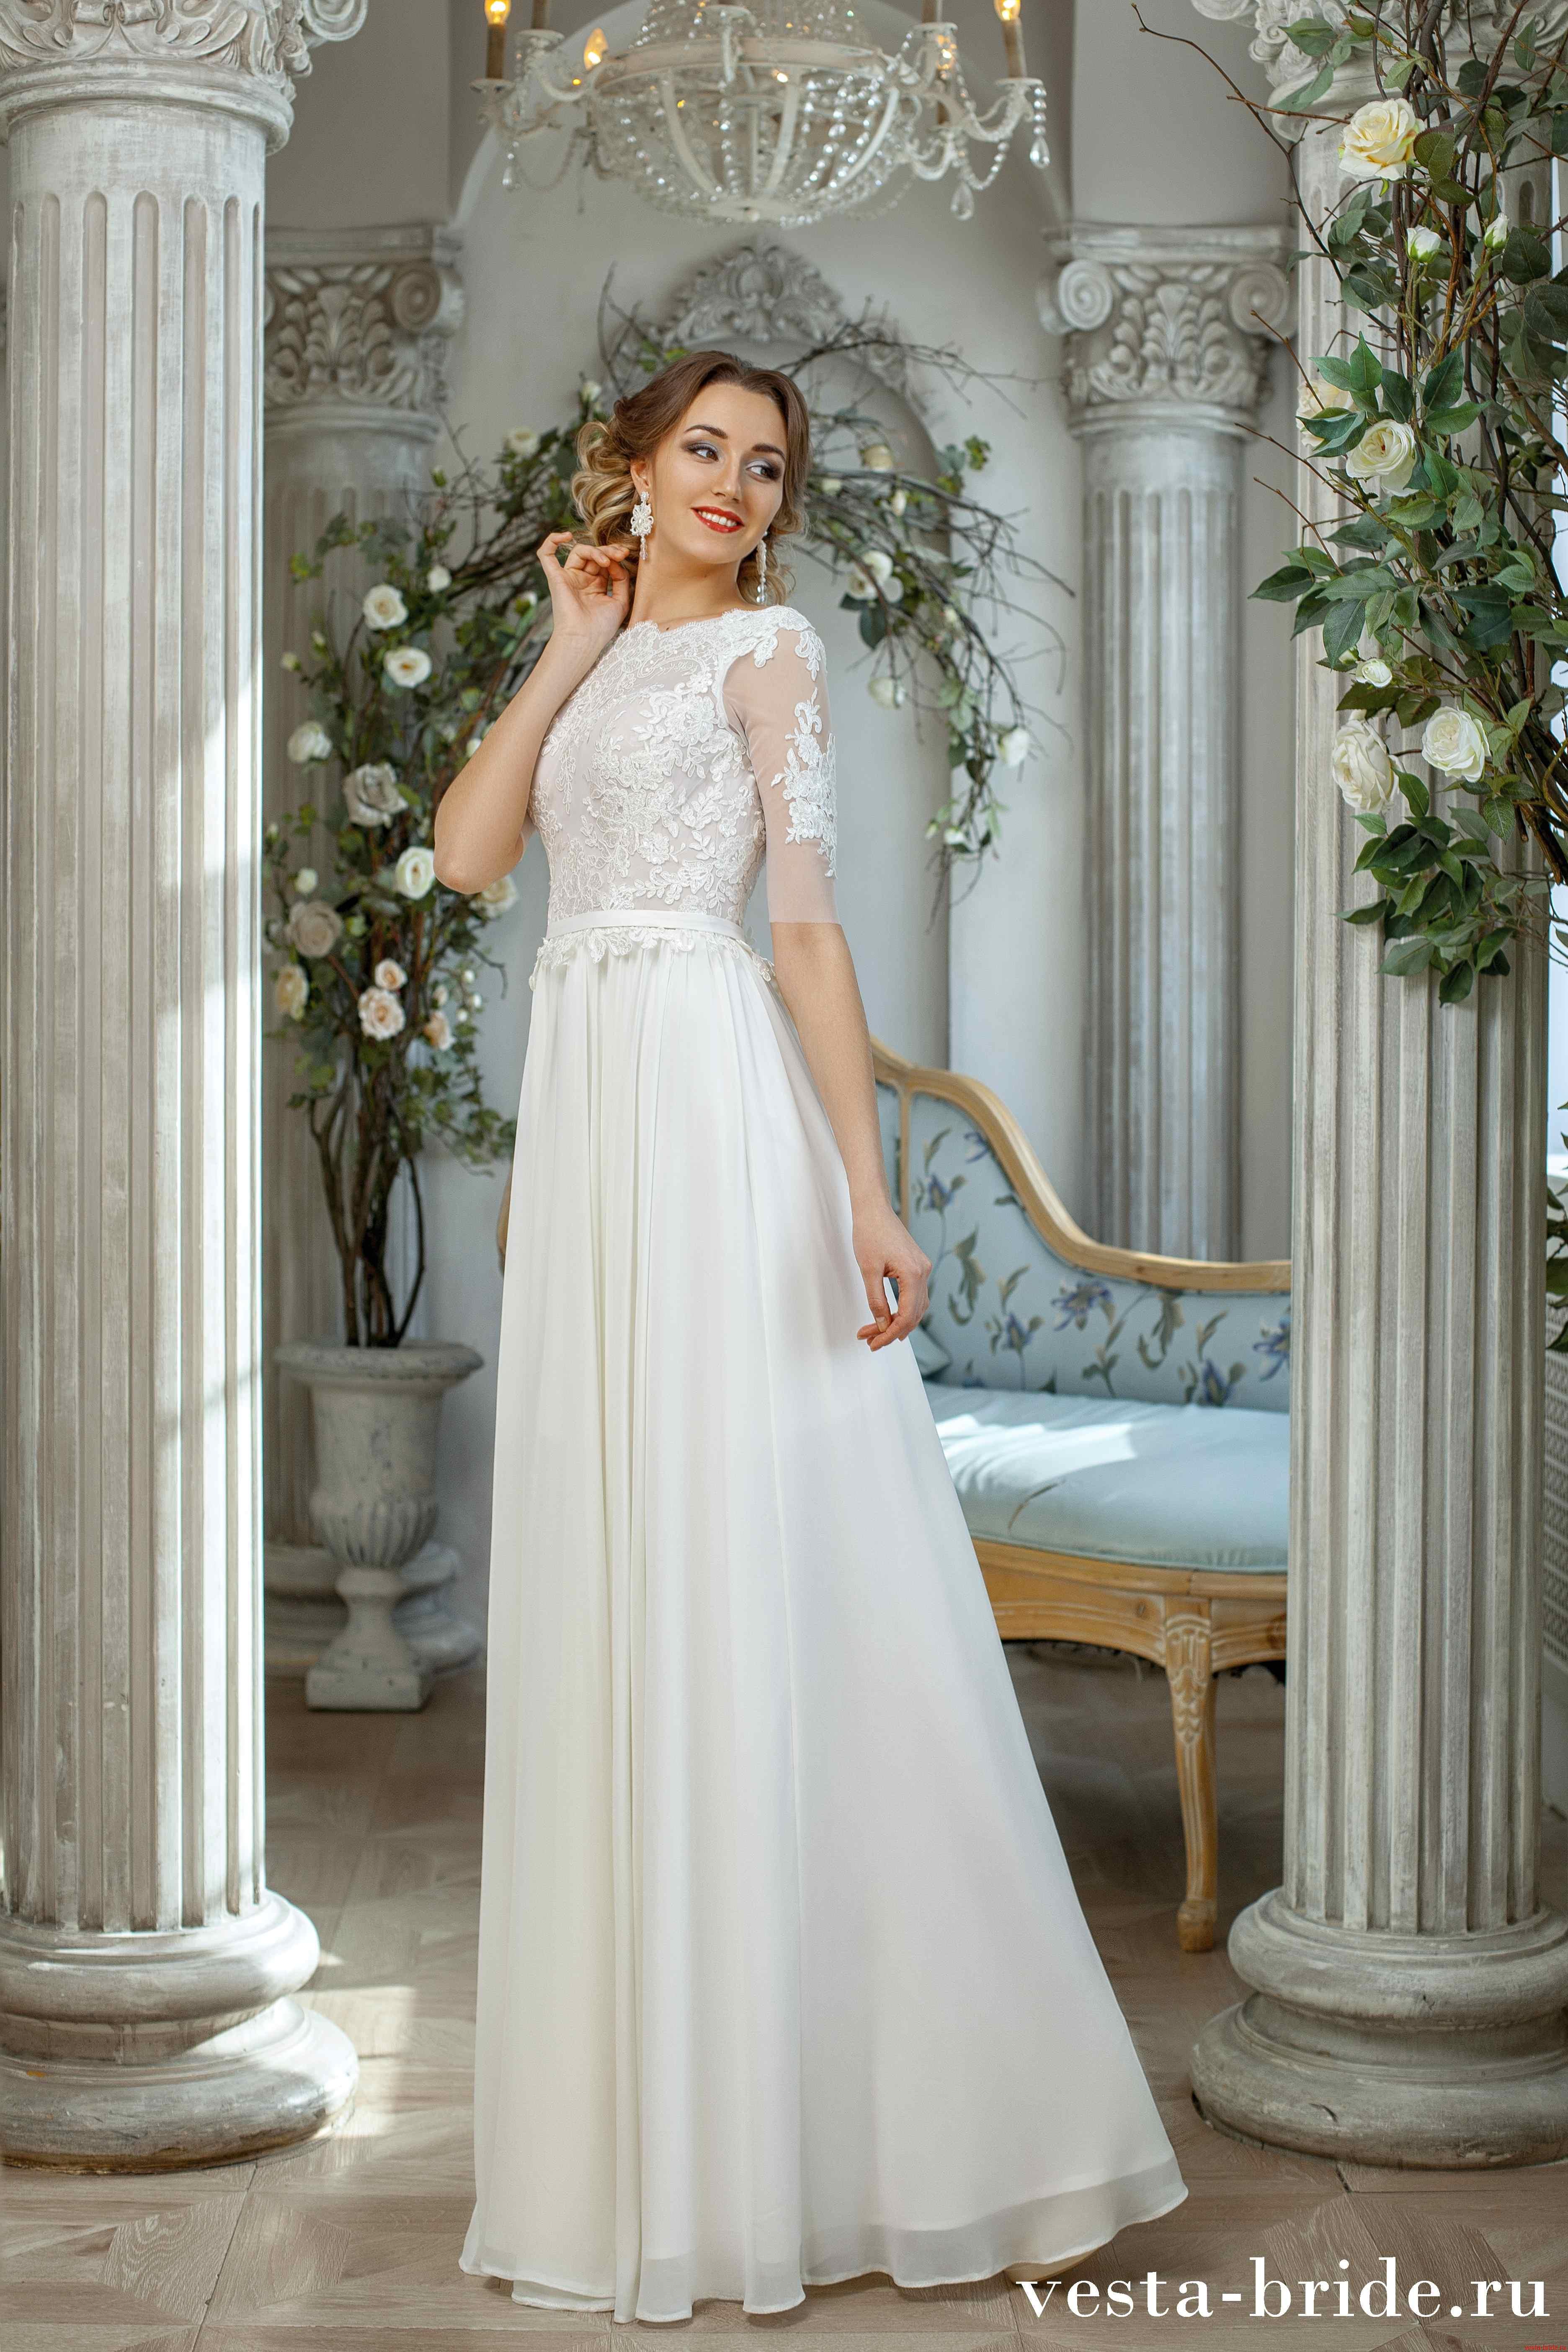 0c6f88782921 Свадебные платья с рукавами в Санкт-Петербурге  каталог с фото ...